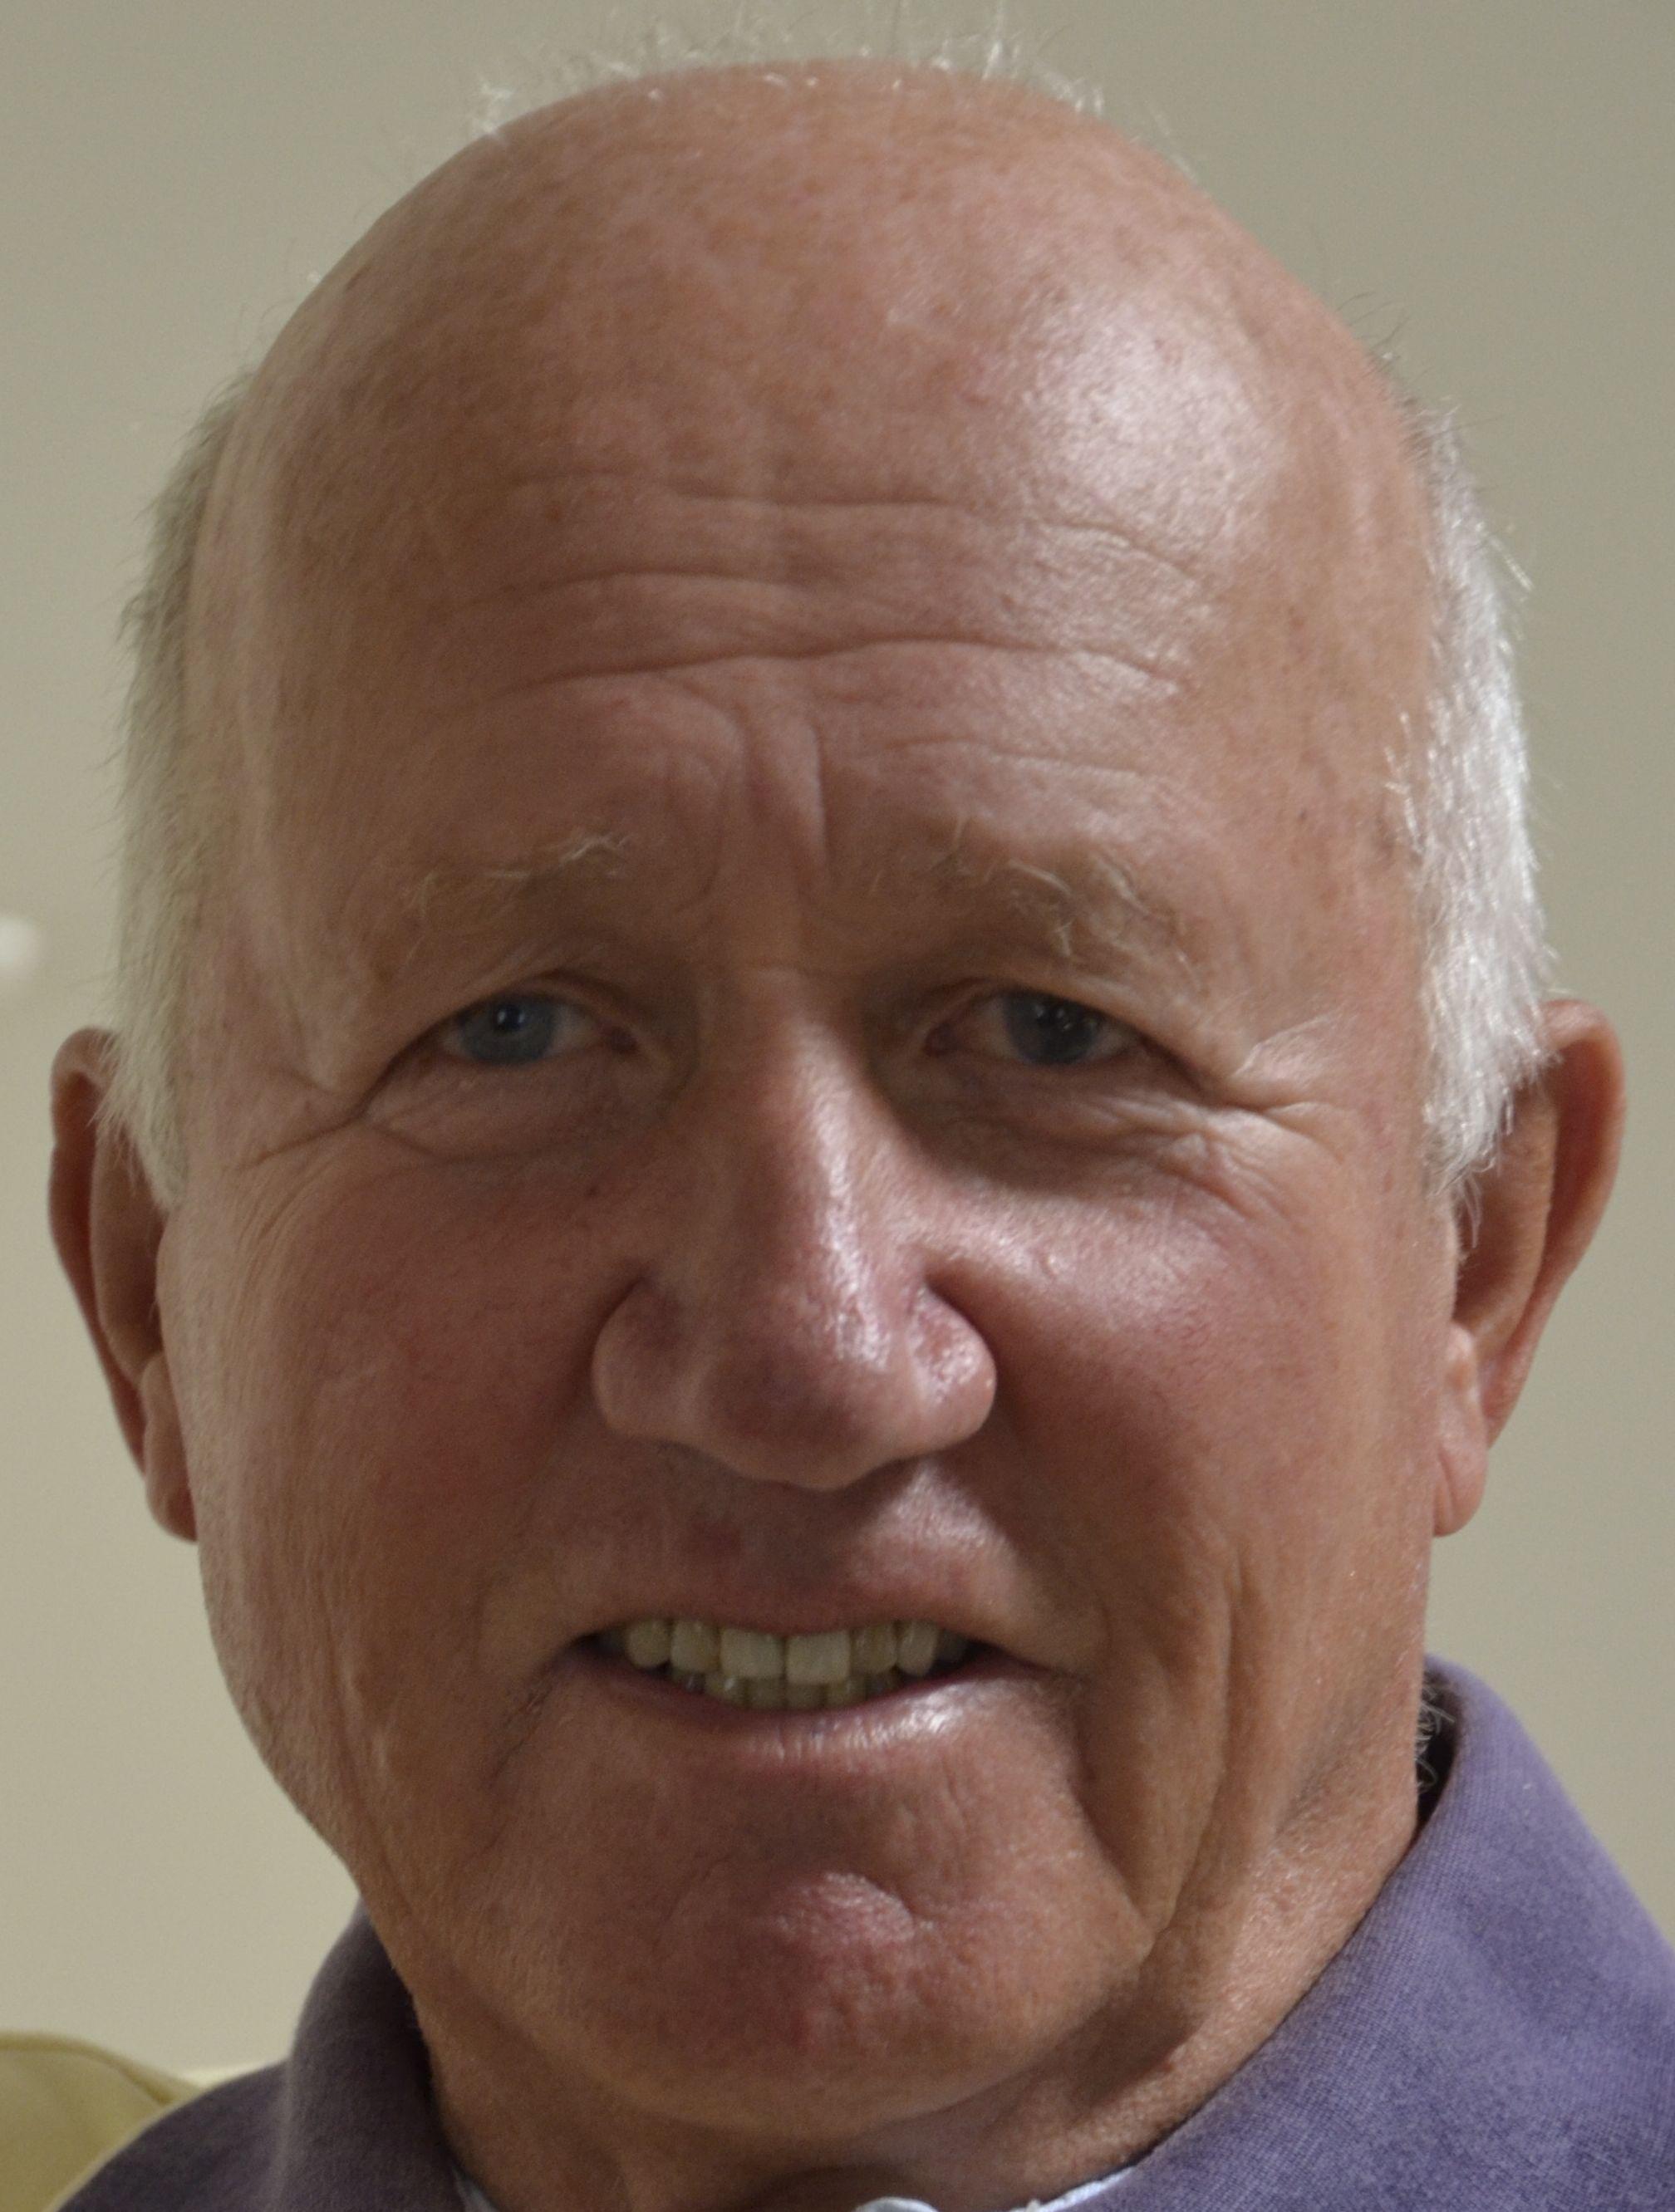 Gunnar Harju